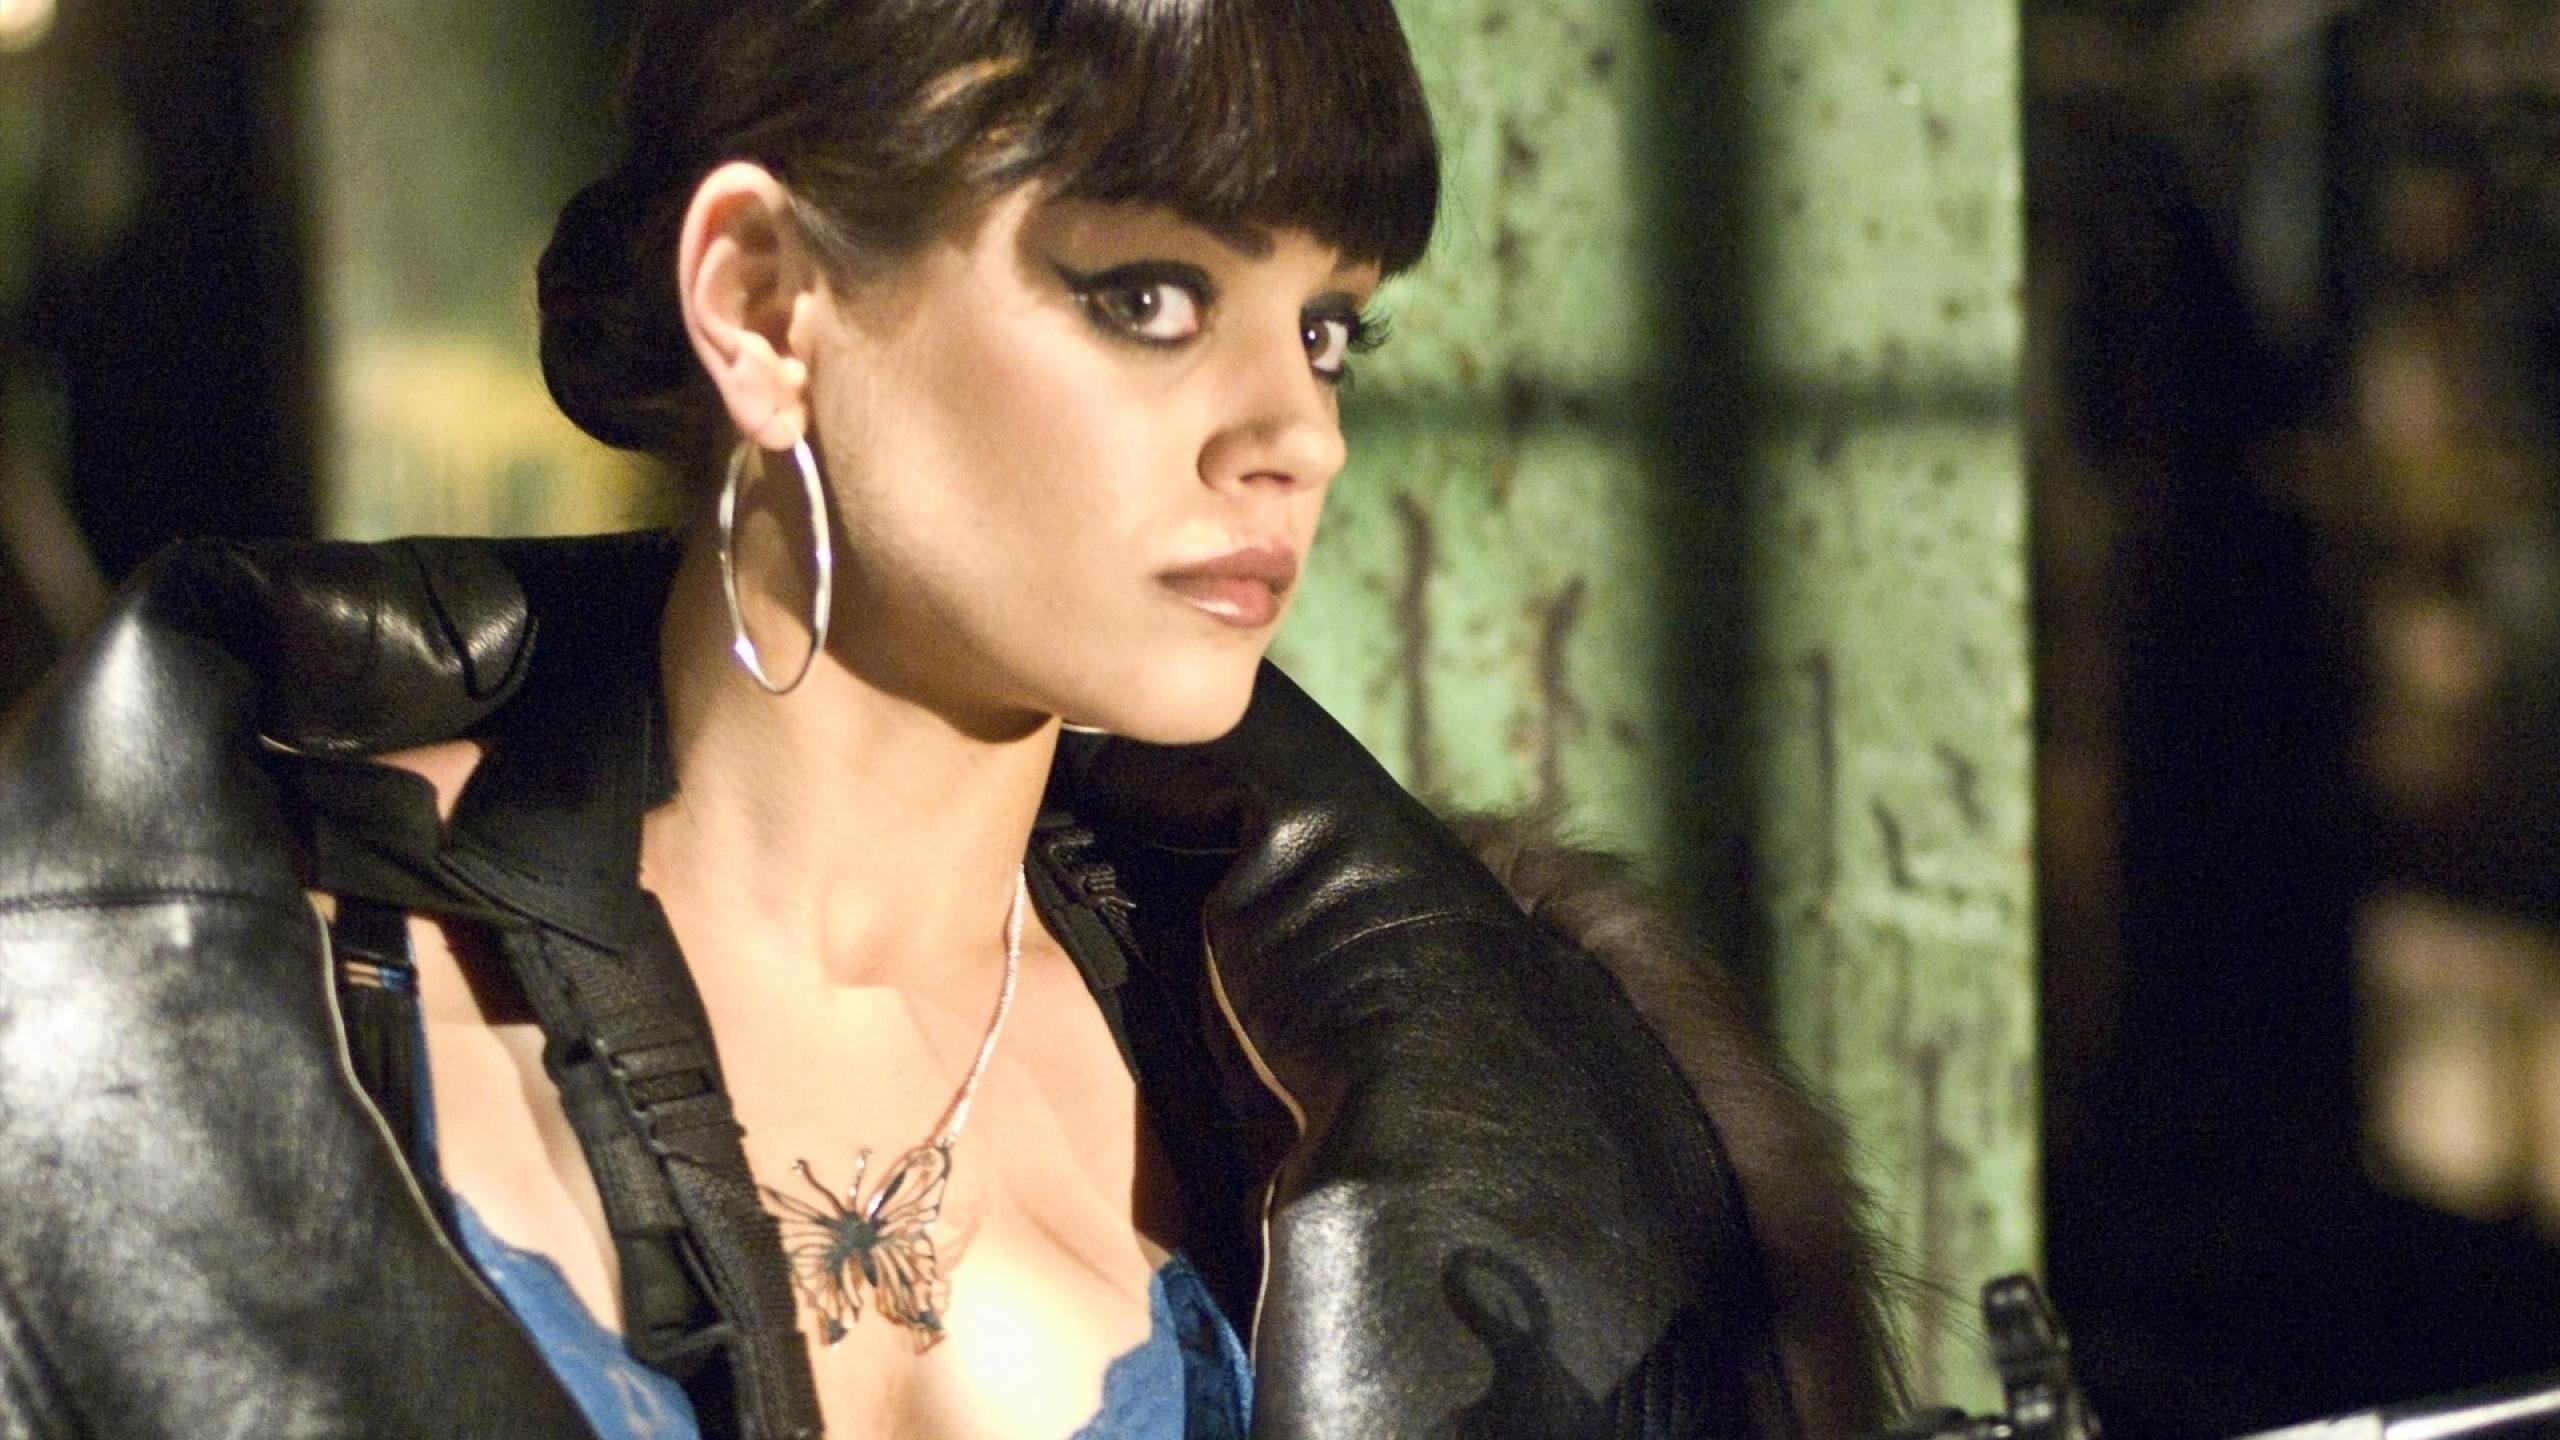 Must see Wallpaper Movie Max Payne - Mila_Kunis_Actress_Max_Payne_Movie_Wallpaper  Collection_955617.jpg